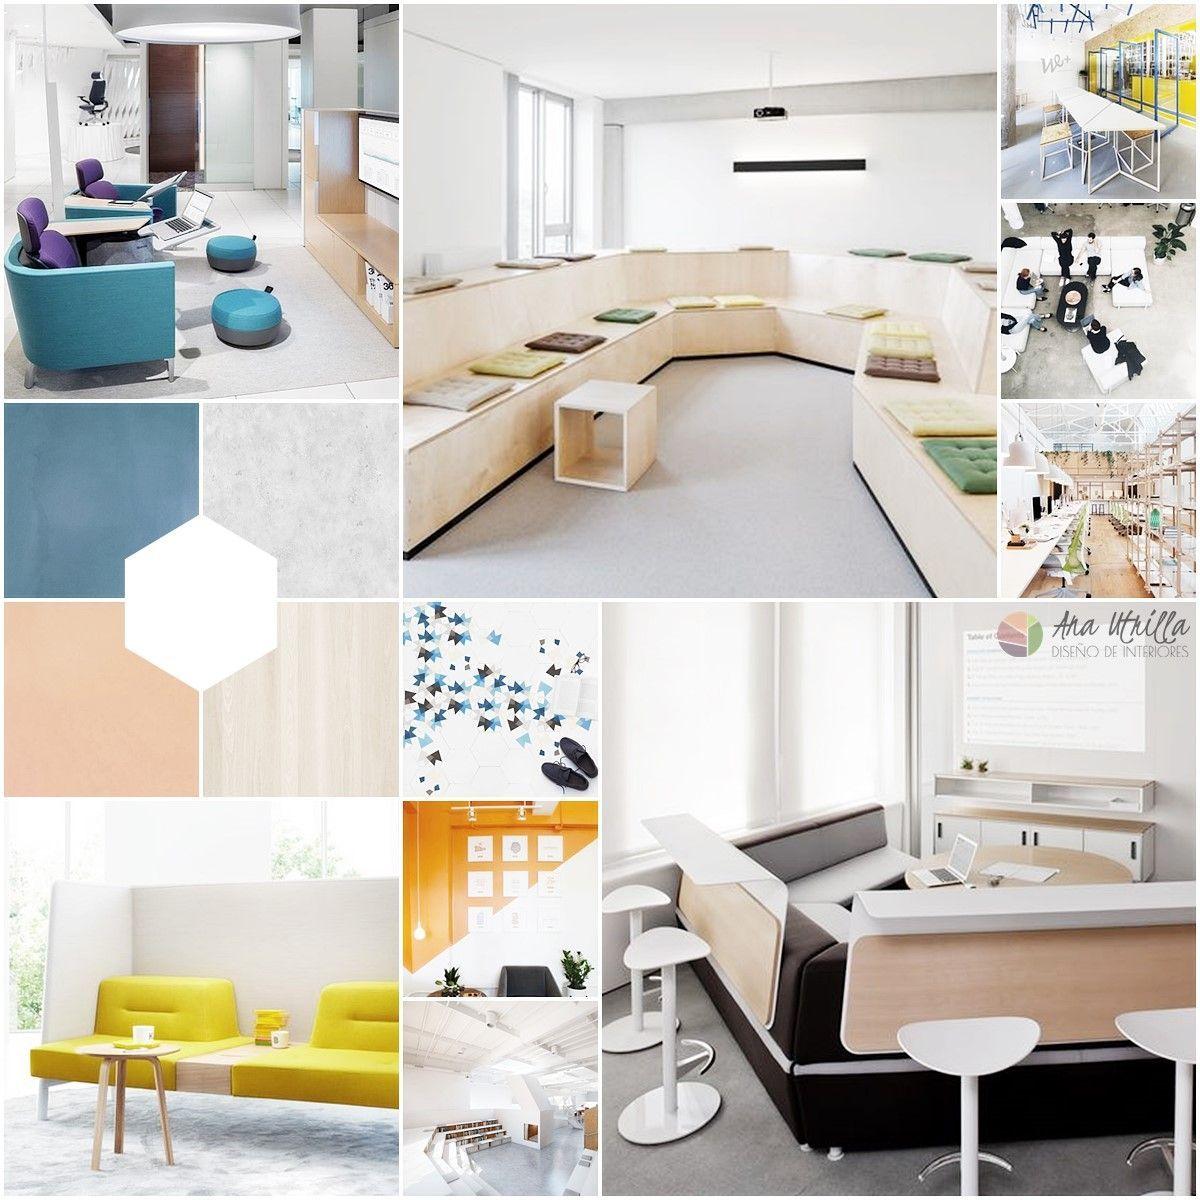 Diseño de interiores coworking de ideas previas en colores, estilo, materiales y mobiliario por Ana Utrilla